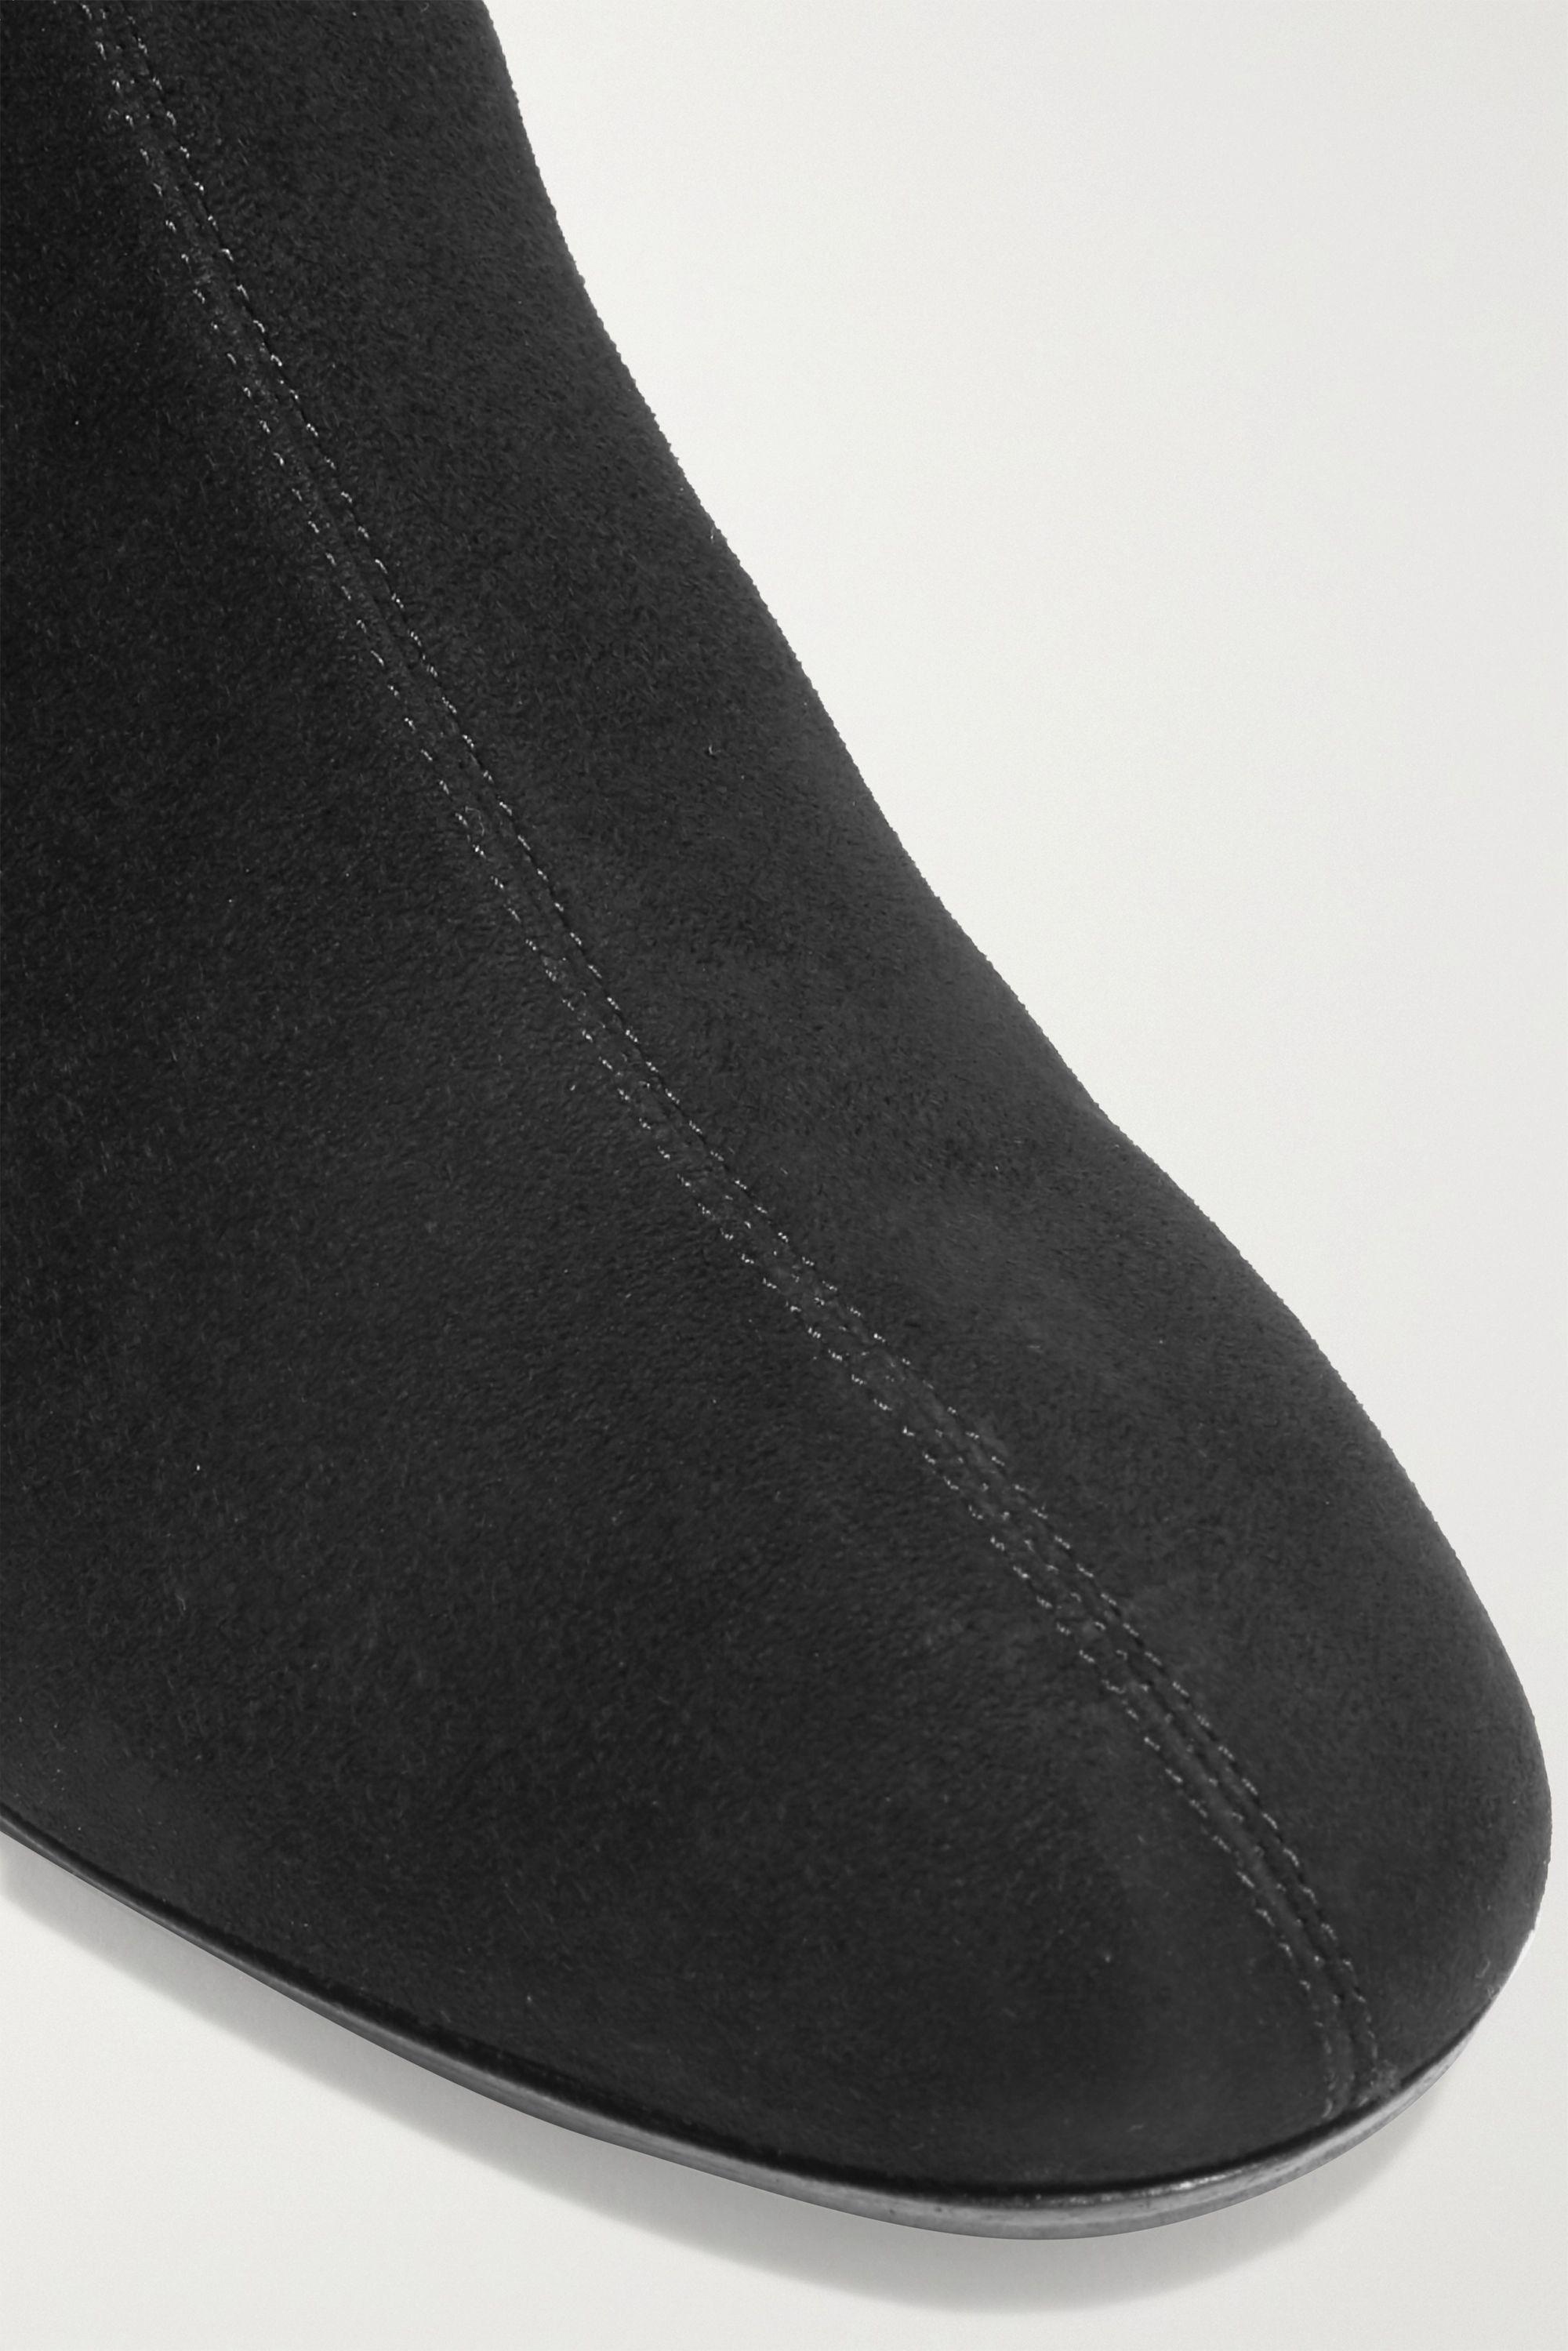 Aquazzura Saint Honoré 50 suede sock boots